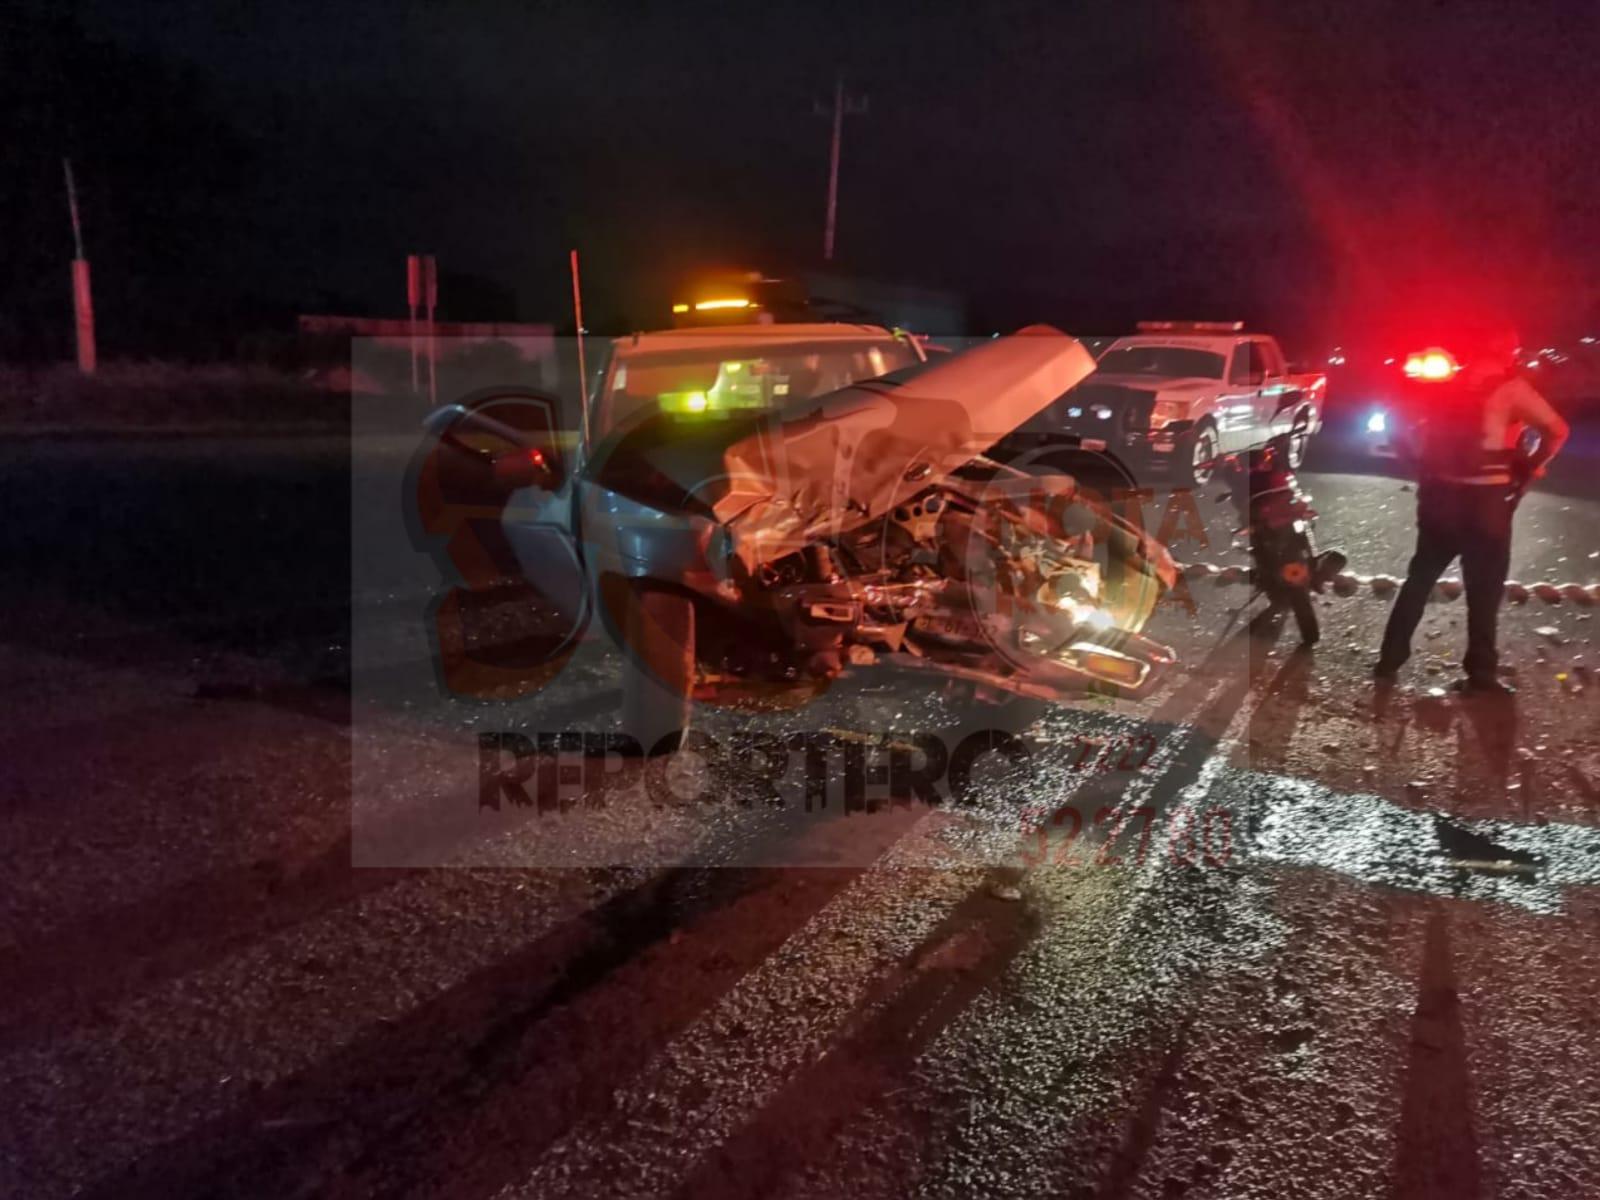 Un menor sin vida y 6 lesionados más deja choque frontal en Tecamachalco